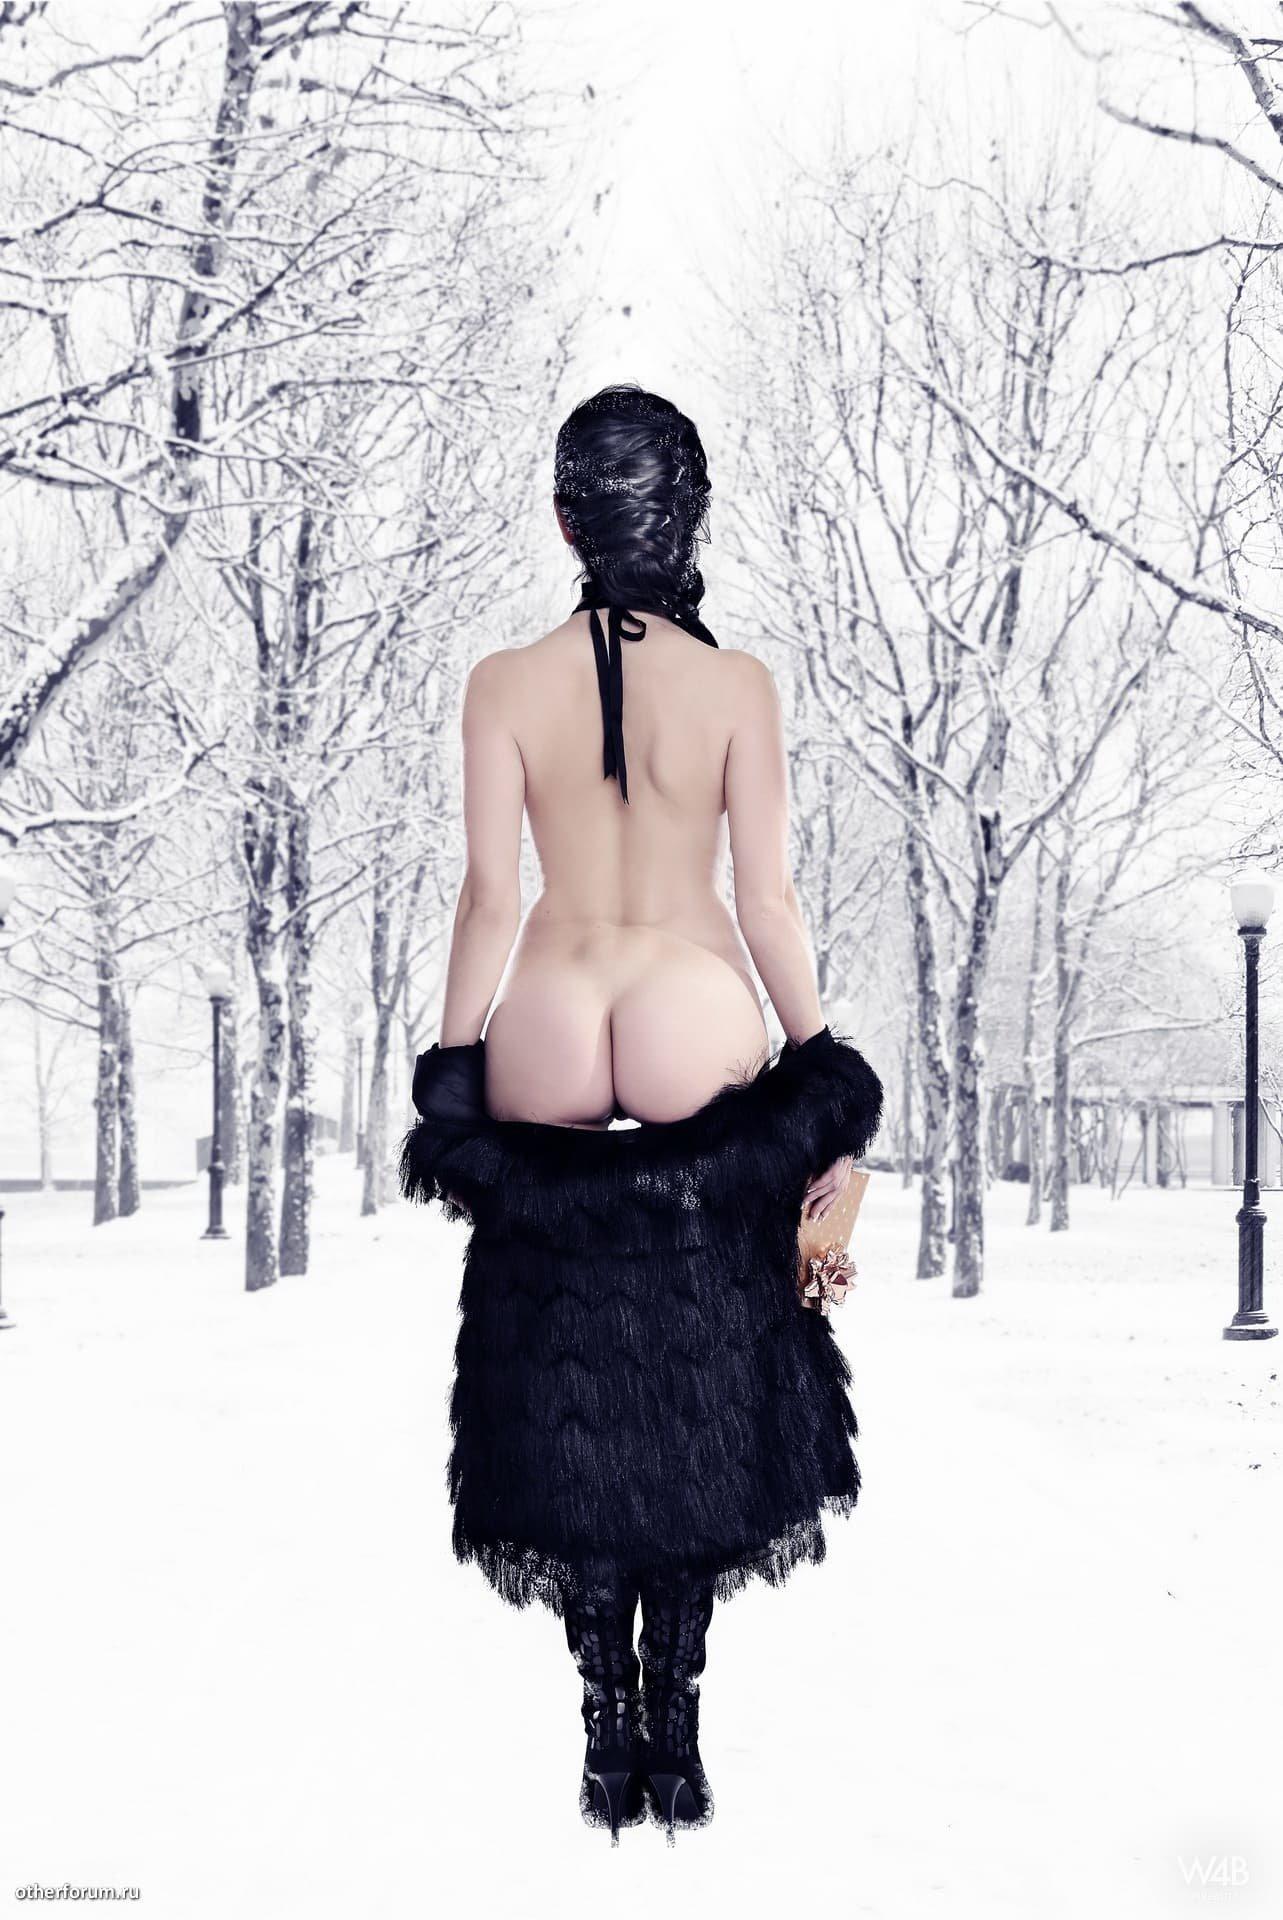 Красивая девушка в шубе позирует в лесу зимой